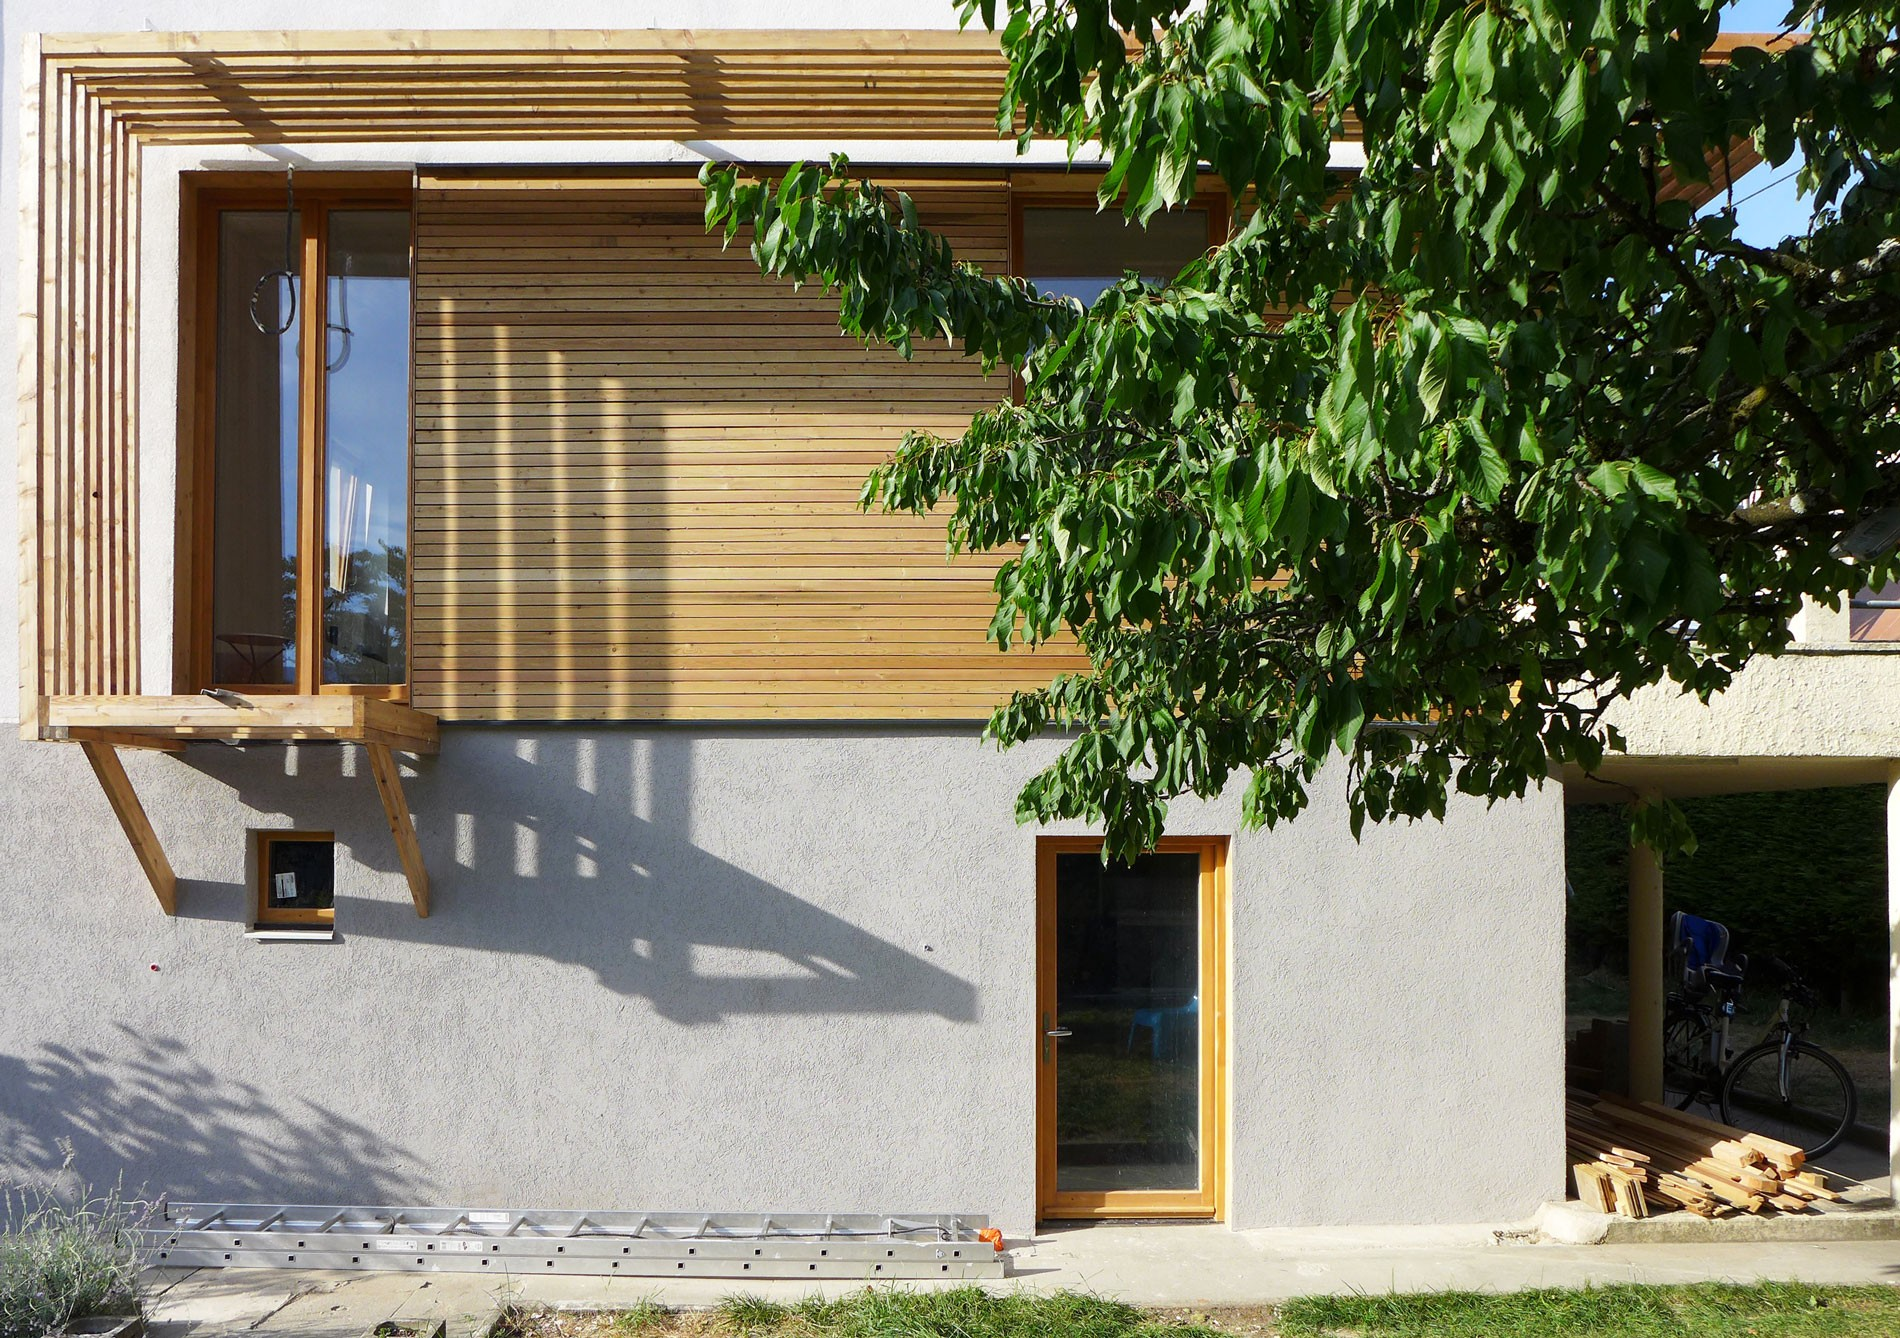 asb-architecture-savoie-chambery-renovation-maison-de-ville-bois-enduit-2